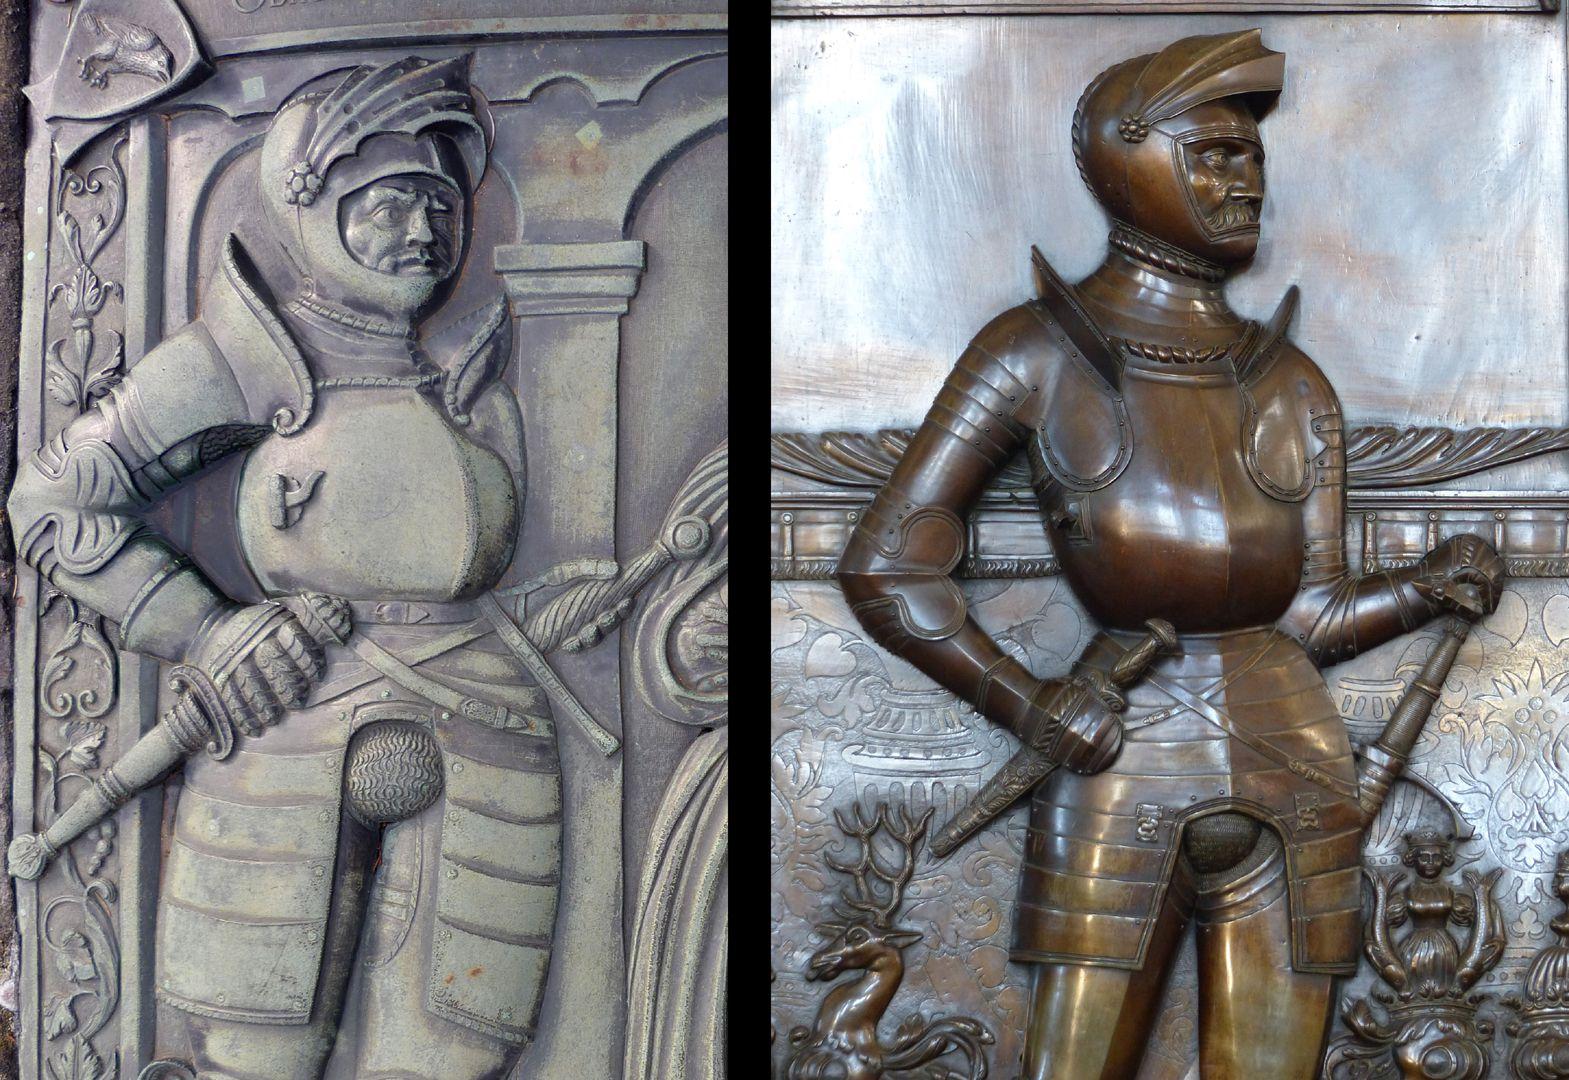 Alexius Müntzer von Bamberg (gest.1537) und Katharina Eisen (gest.1552) Bildvergleich mit Epitaph des Gottfried Werner Graf v. Zimmern von Pankraz Labenwolf (Meßkirch, Baden-Württemberg)